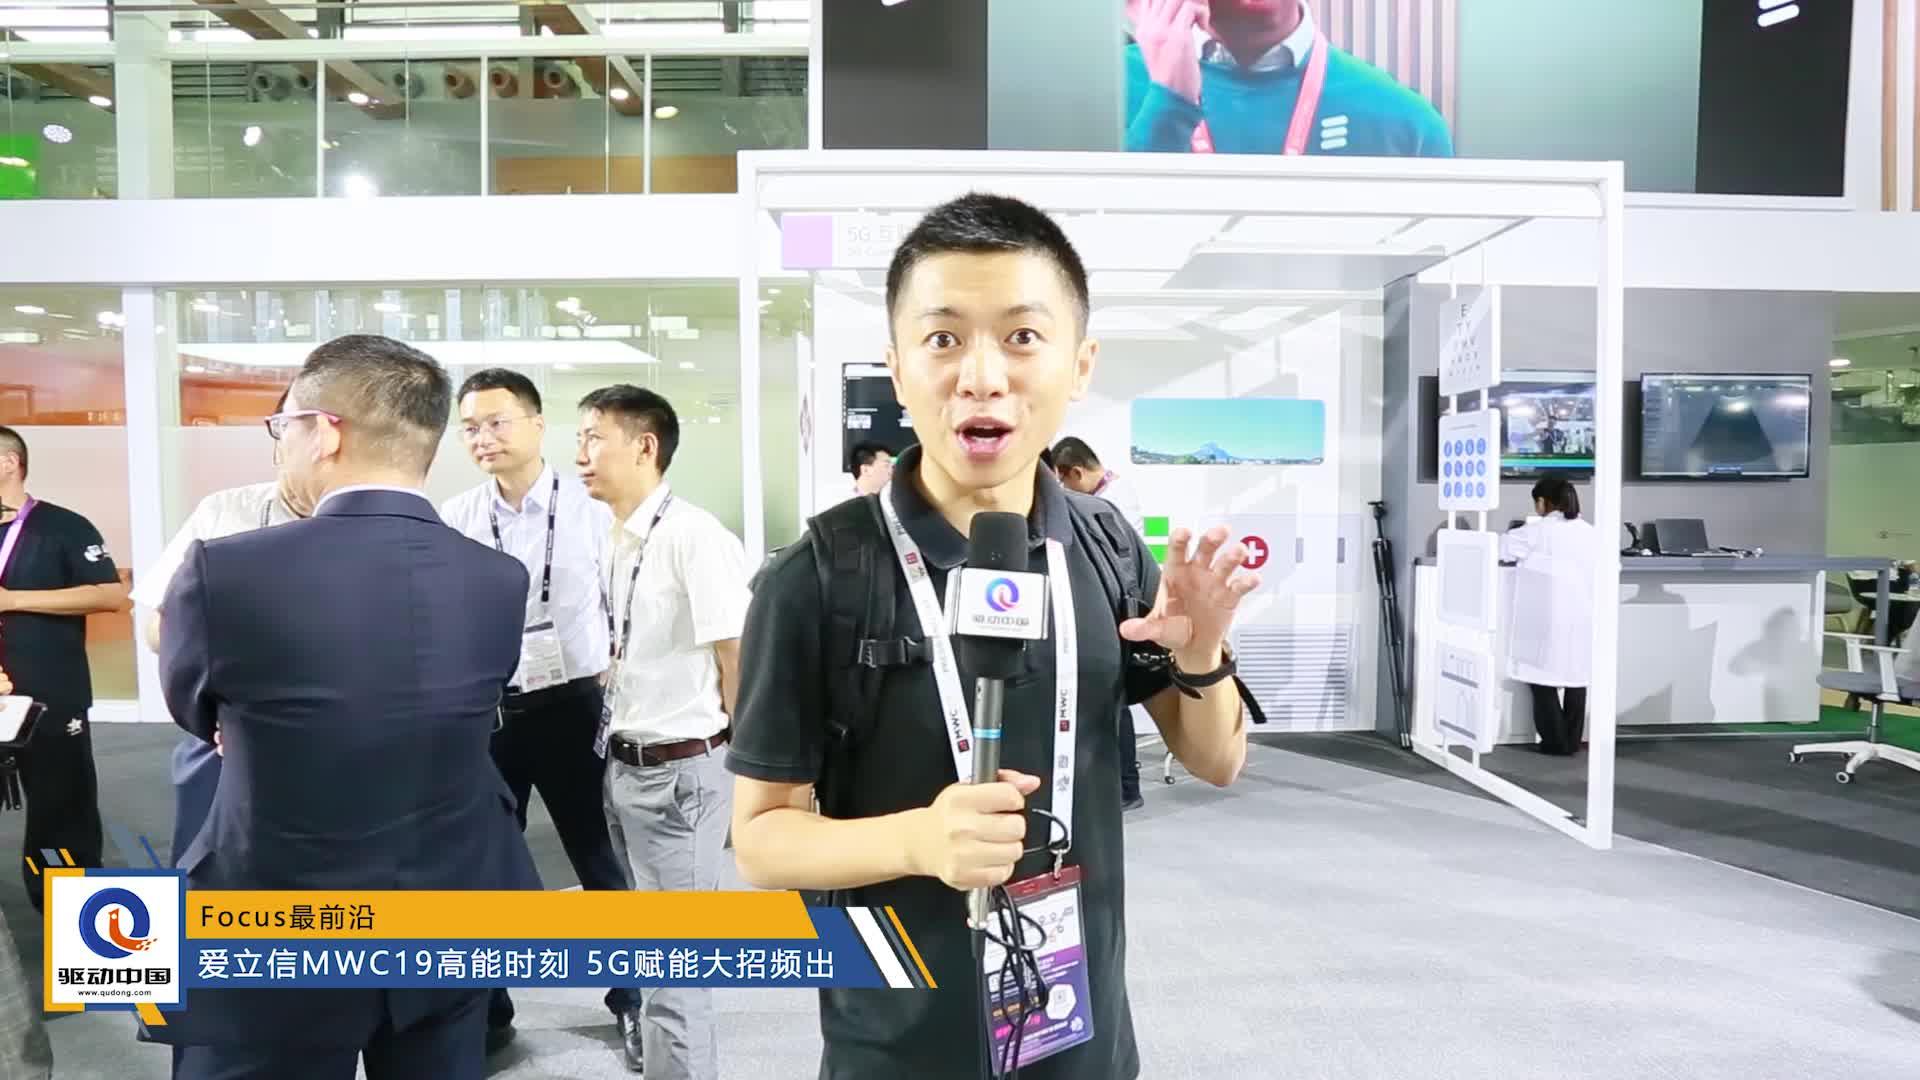 MWC19:驱动中国走访爱立信展台 带您探秘5G技术